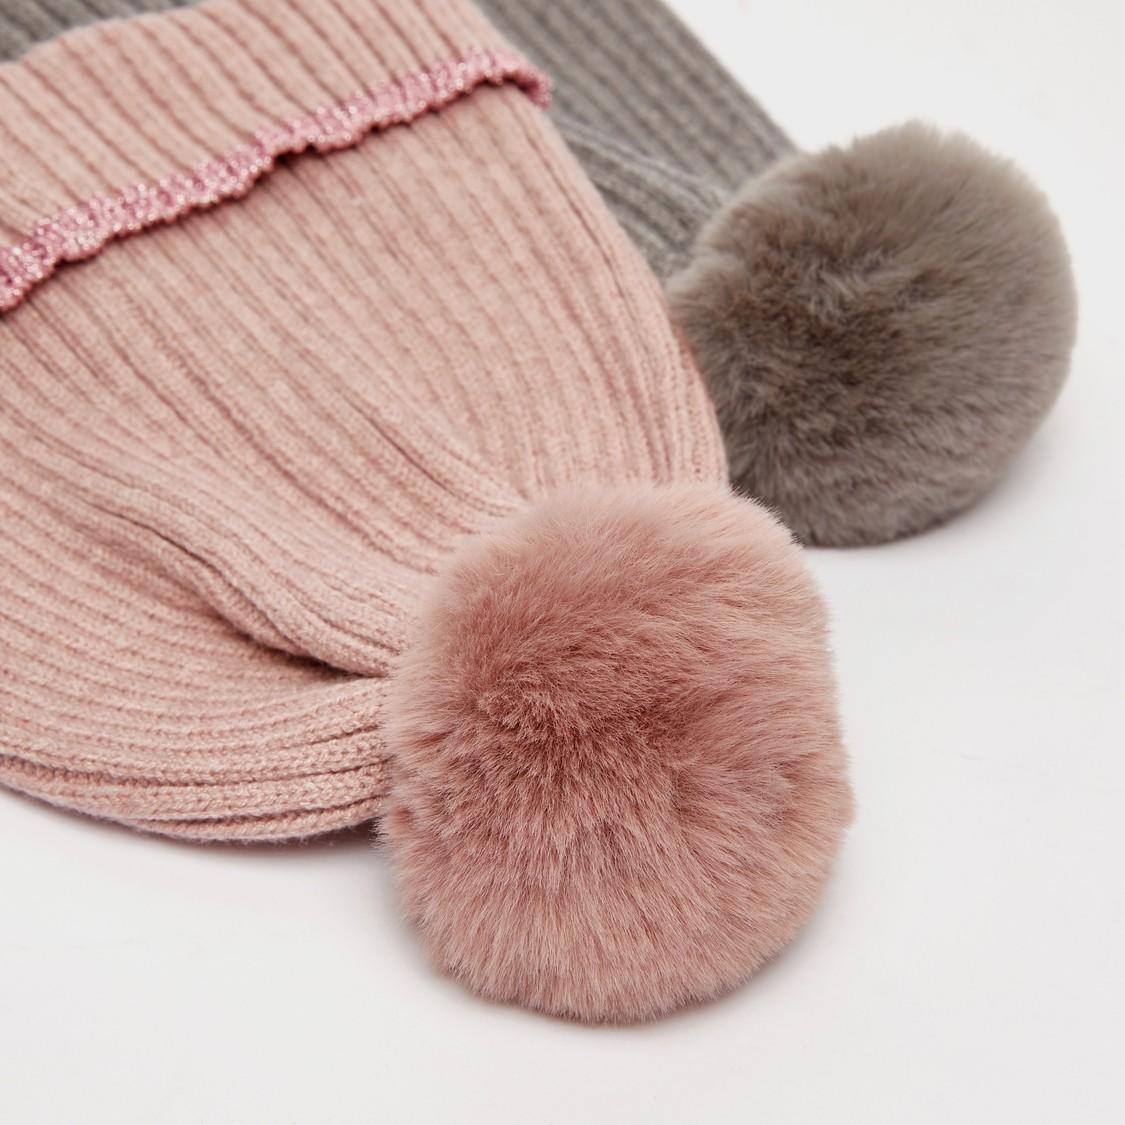 قبعة بيني بارزة الملمس مزيّنة بتزيينات بوم بوم - طقم من قطعتين